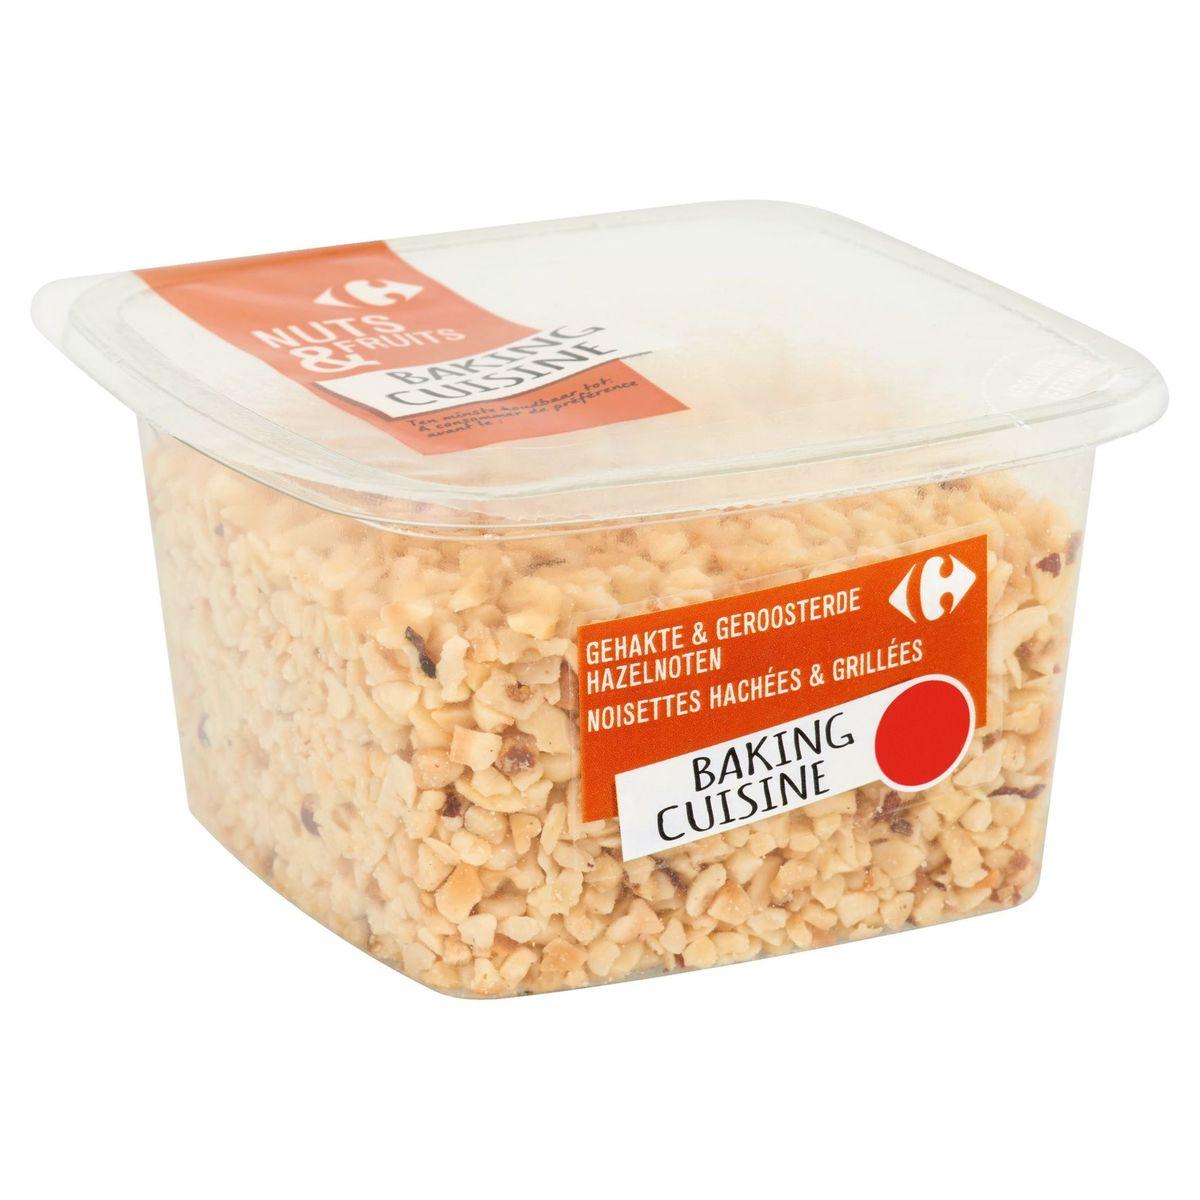 Carrefour Nuts & Fruits Noisettes Hachées & Grillées 150 g